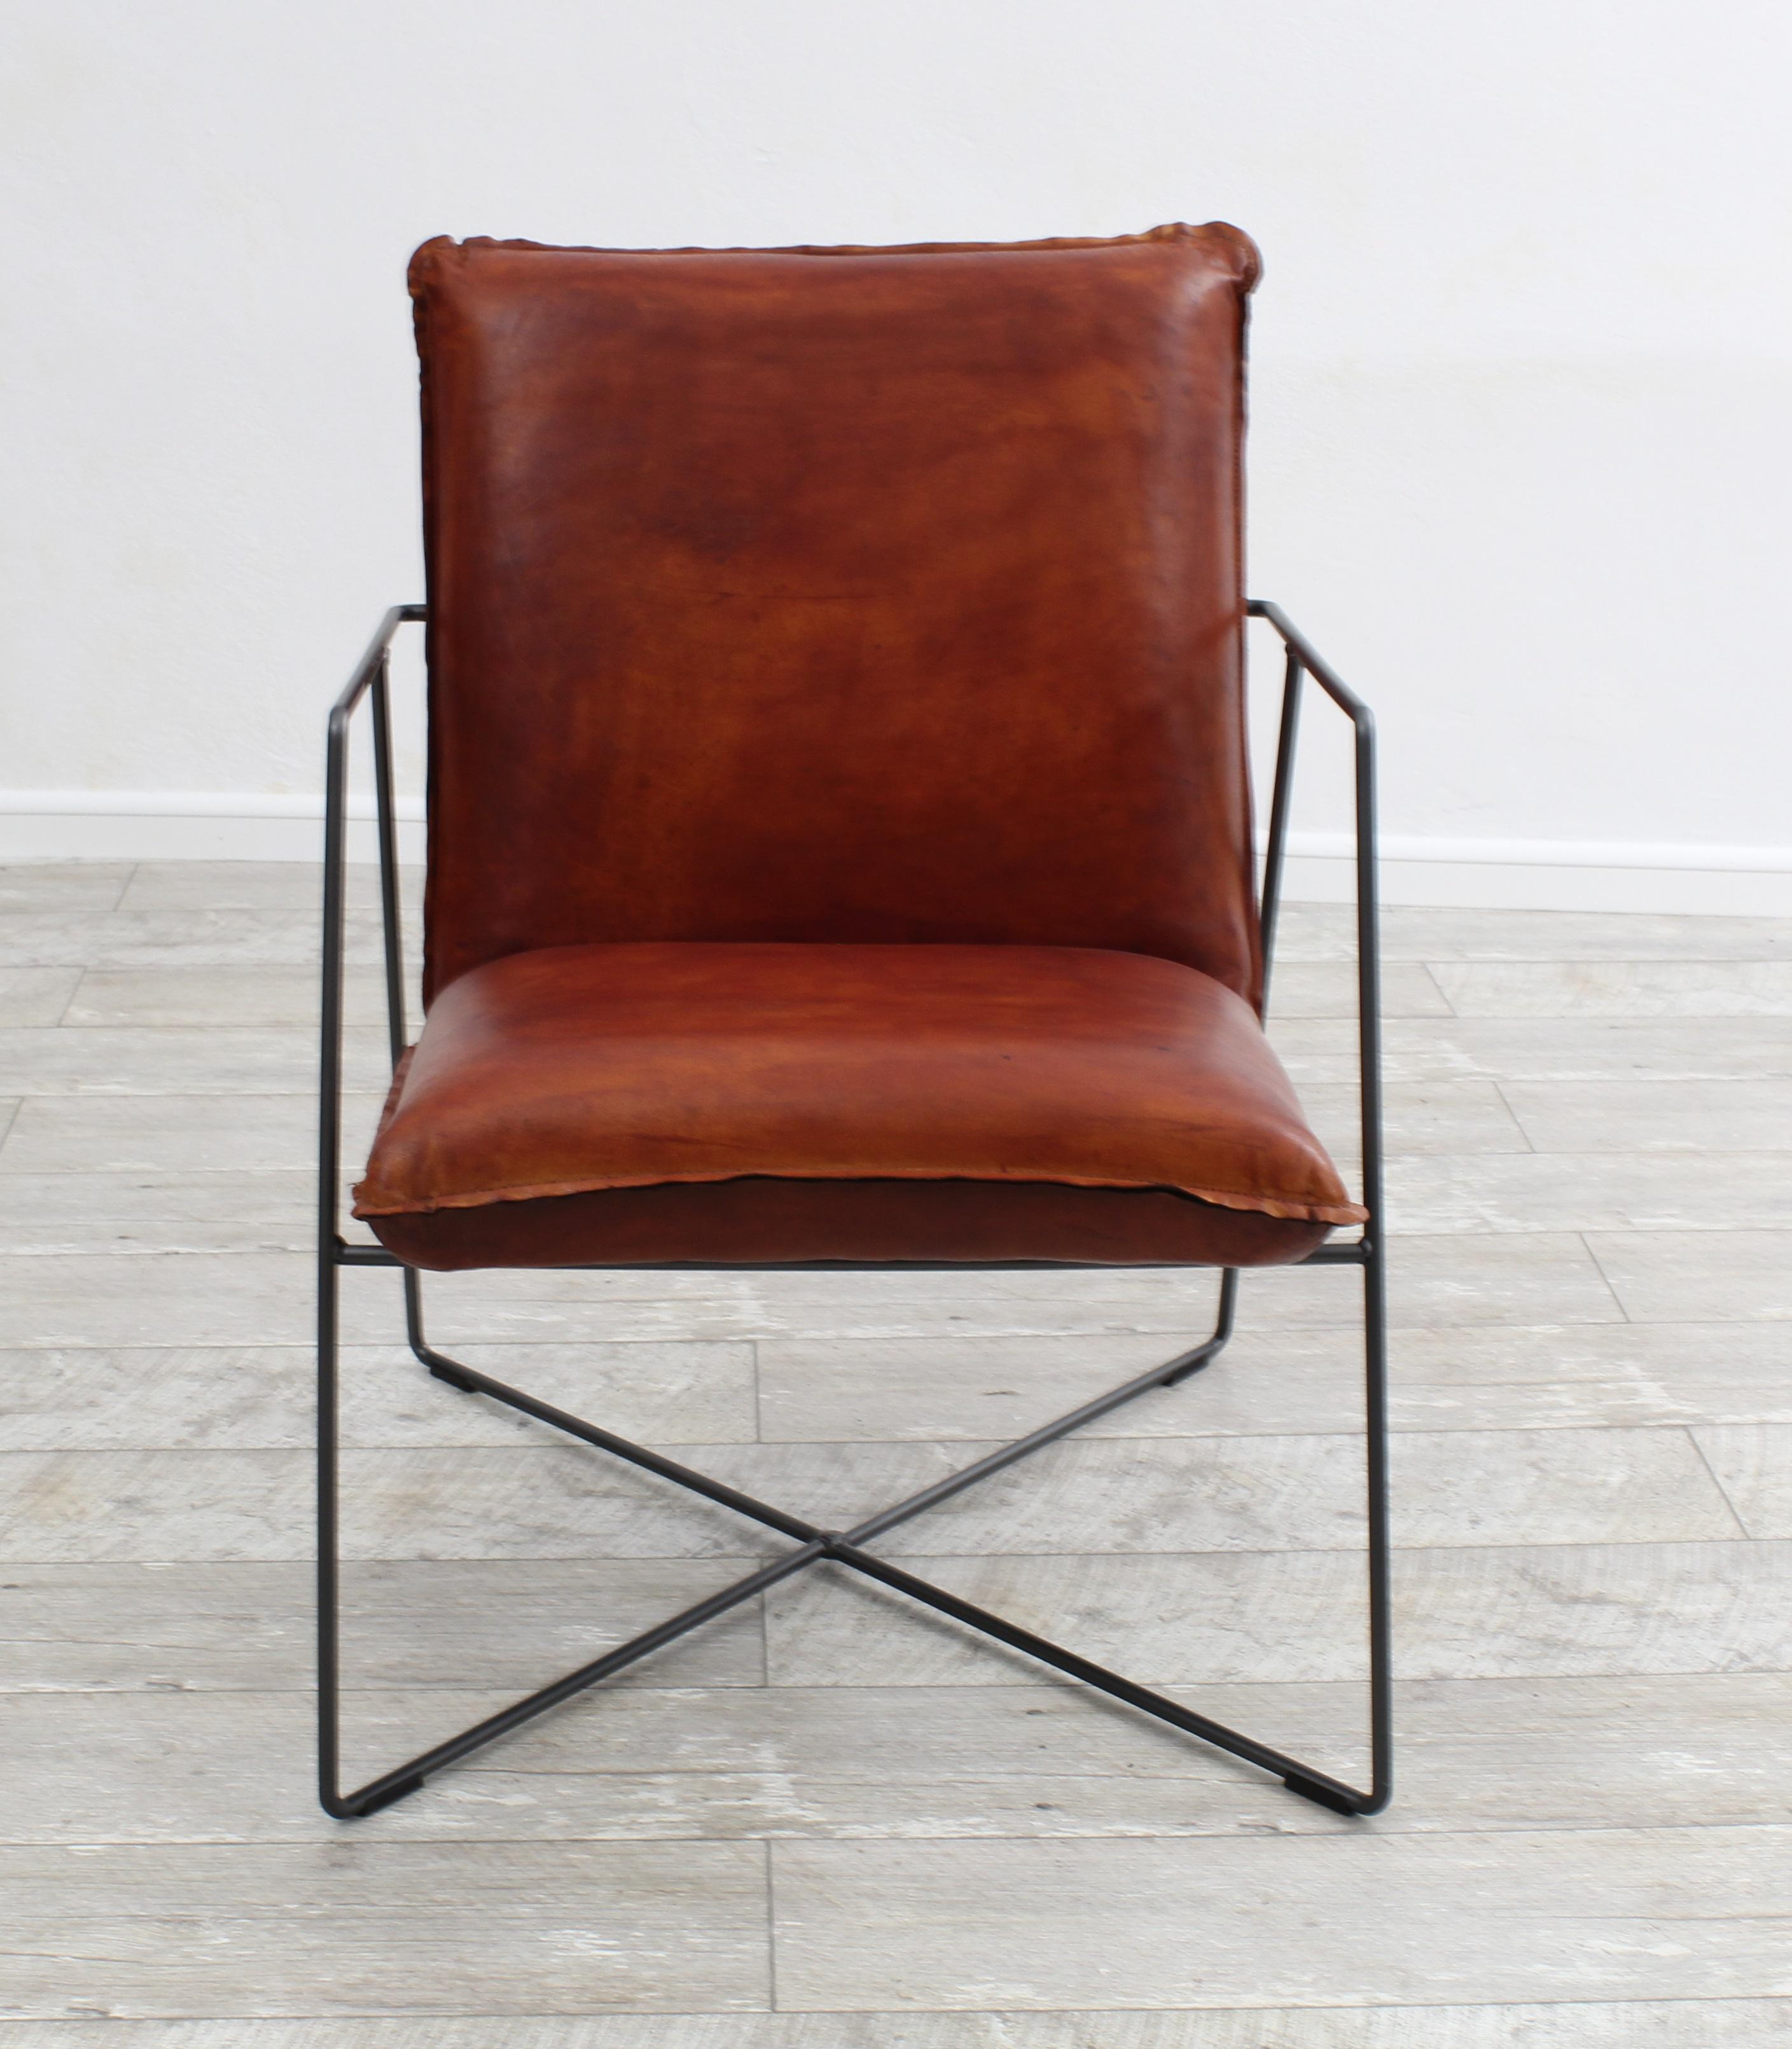 aktiv sessel stuhl designer k ln echt b ffel leder vintage farbe cogac metall fu. Black Bedroom Furniture Sets. Home Design Ideas